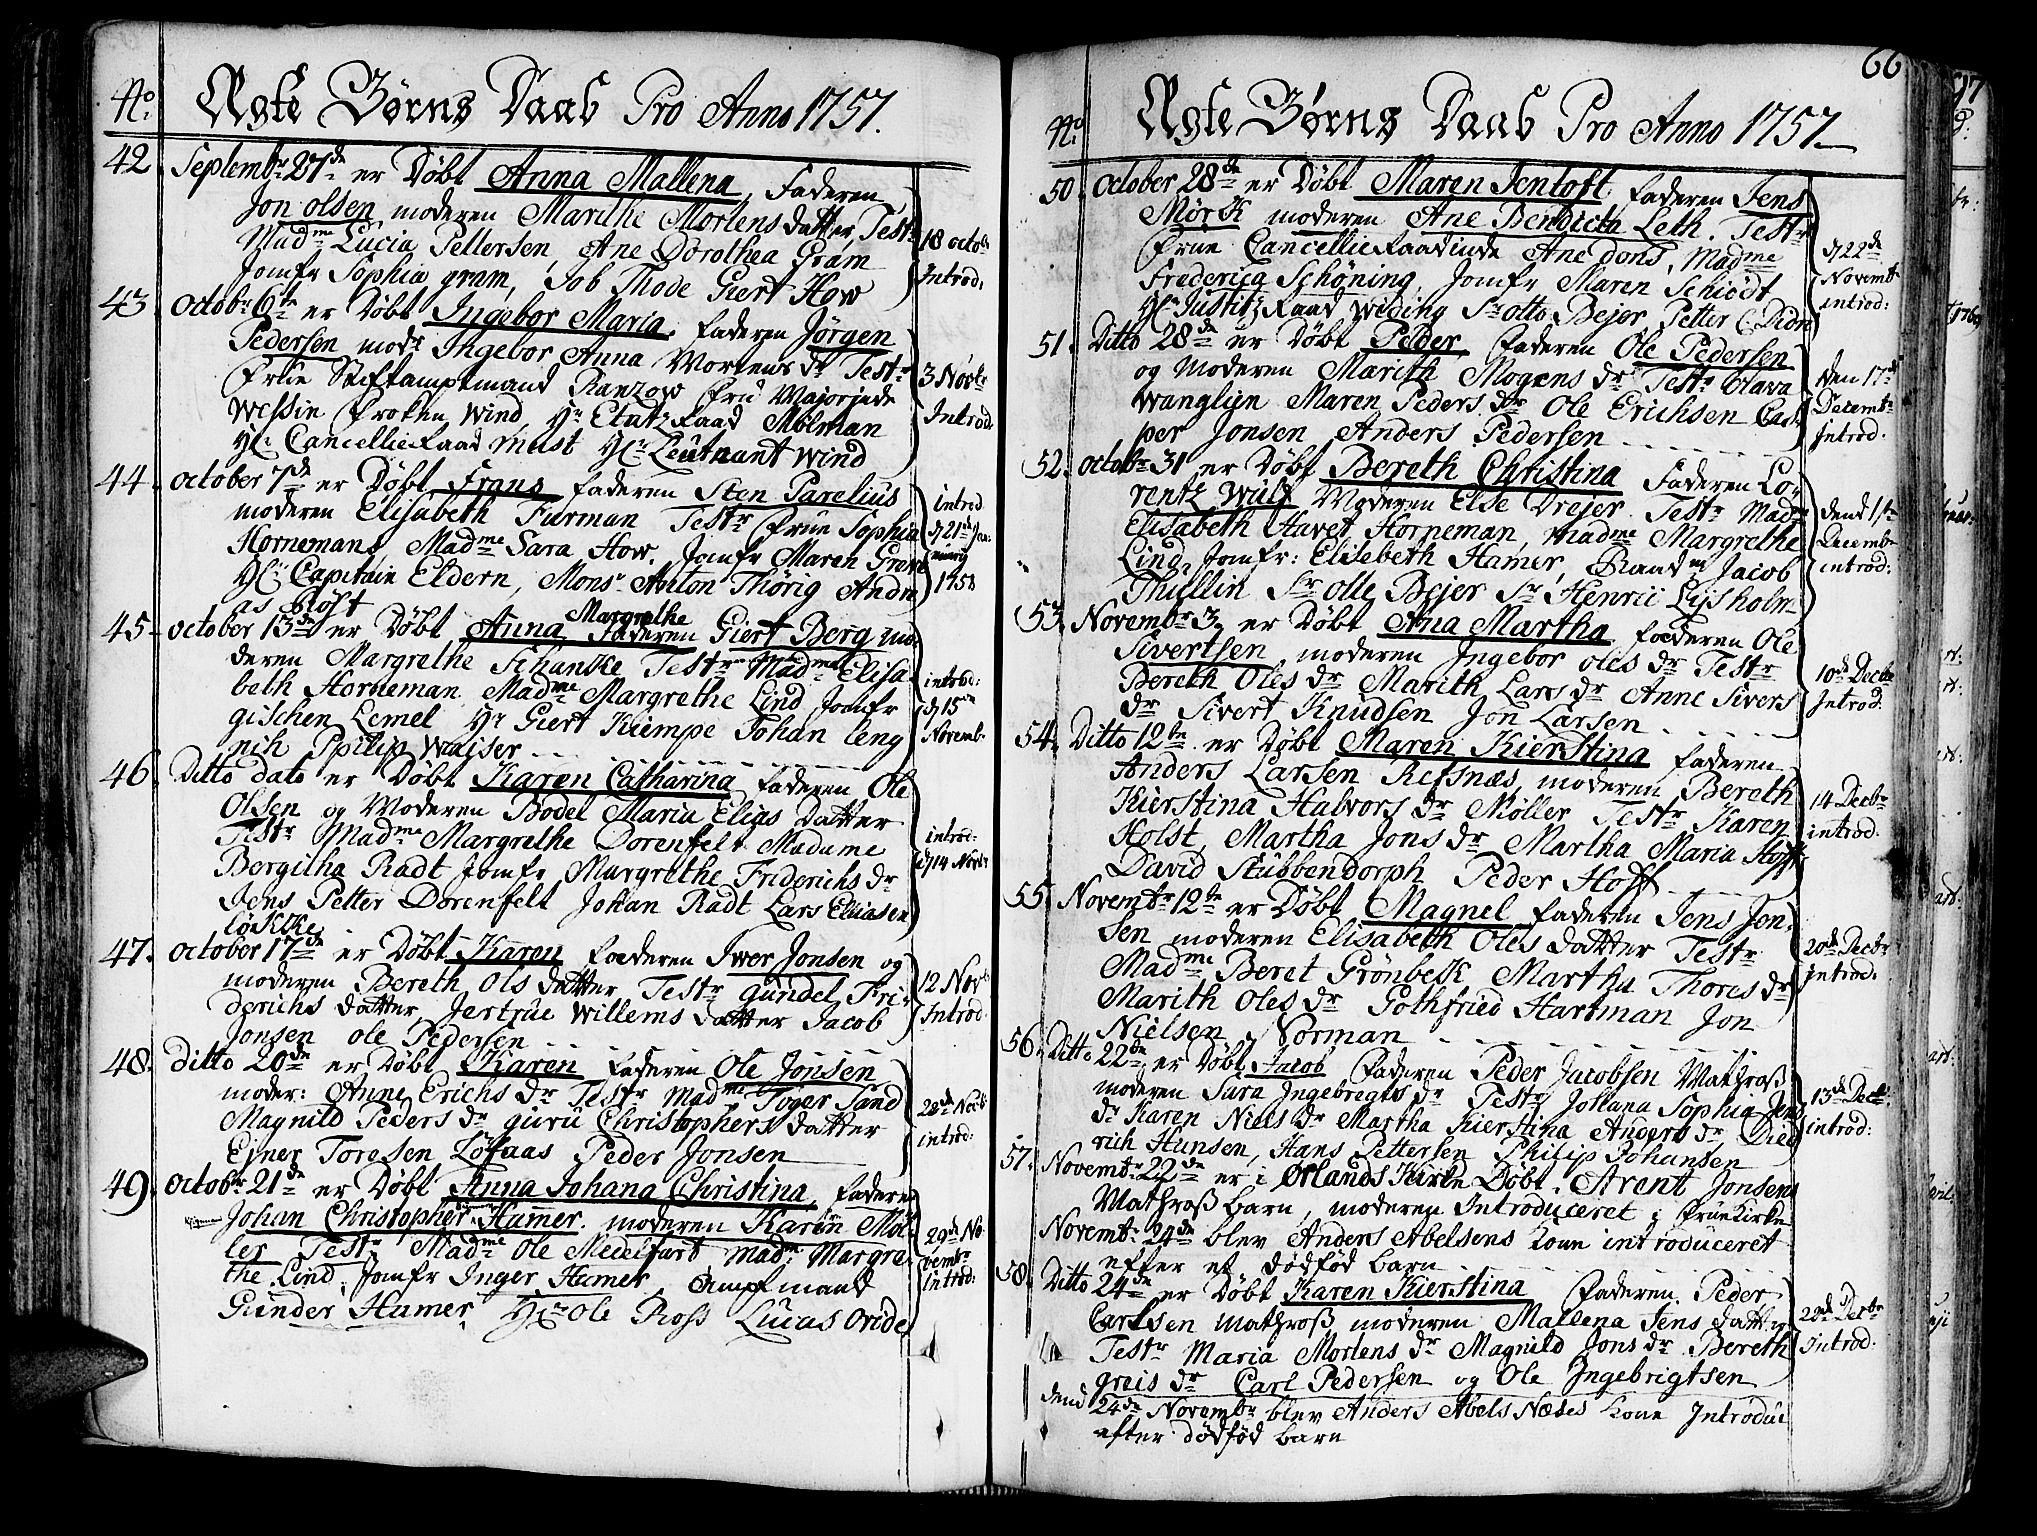 SAT, Ministerialprotokoller, klokkerbøker og fødselsregistre - Sør-Trøndelag, 602/L0103: Ministerialbok nr. 602A01, 1732-1774, s. 66